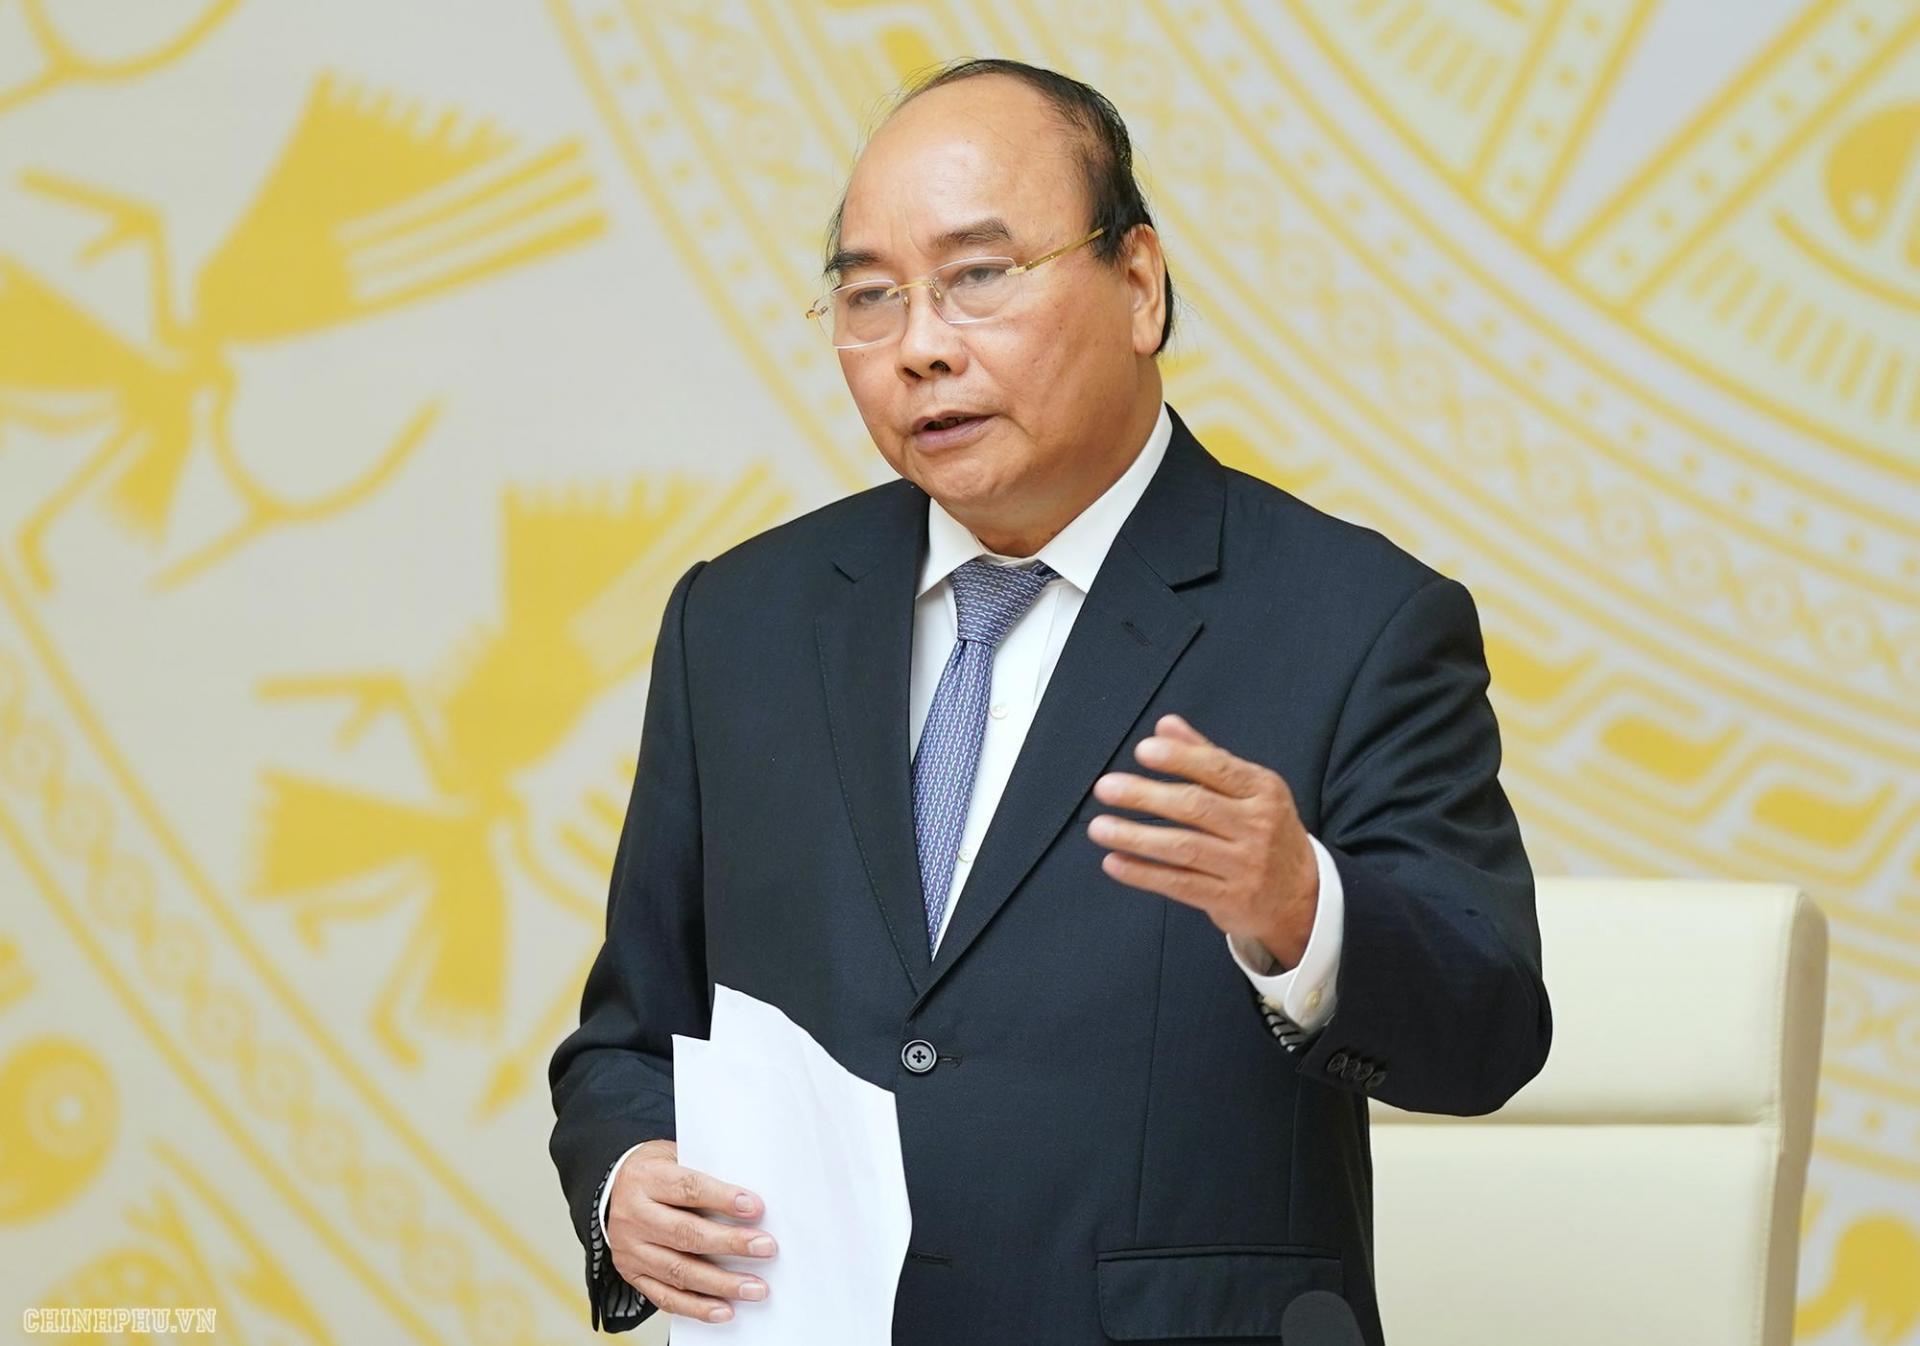 Thủ tướng đề nghị báo chí phải góp phần tạo nên và nuôi dưỡng khát vọng thịnh vượng, hùng cường của dân tộc